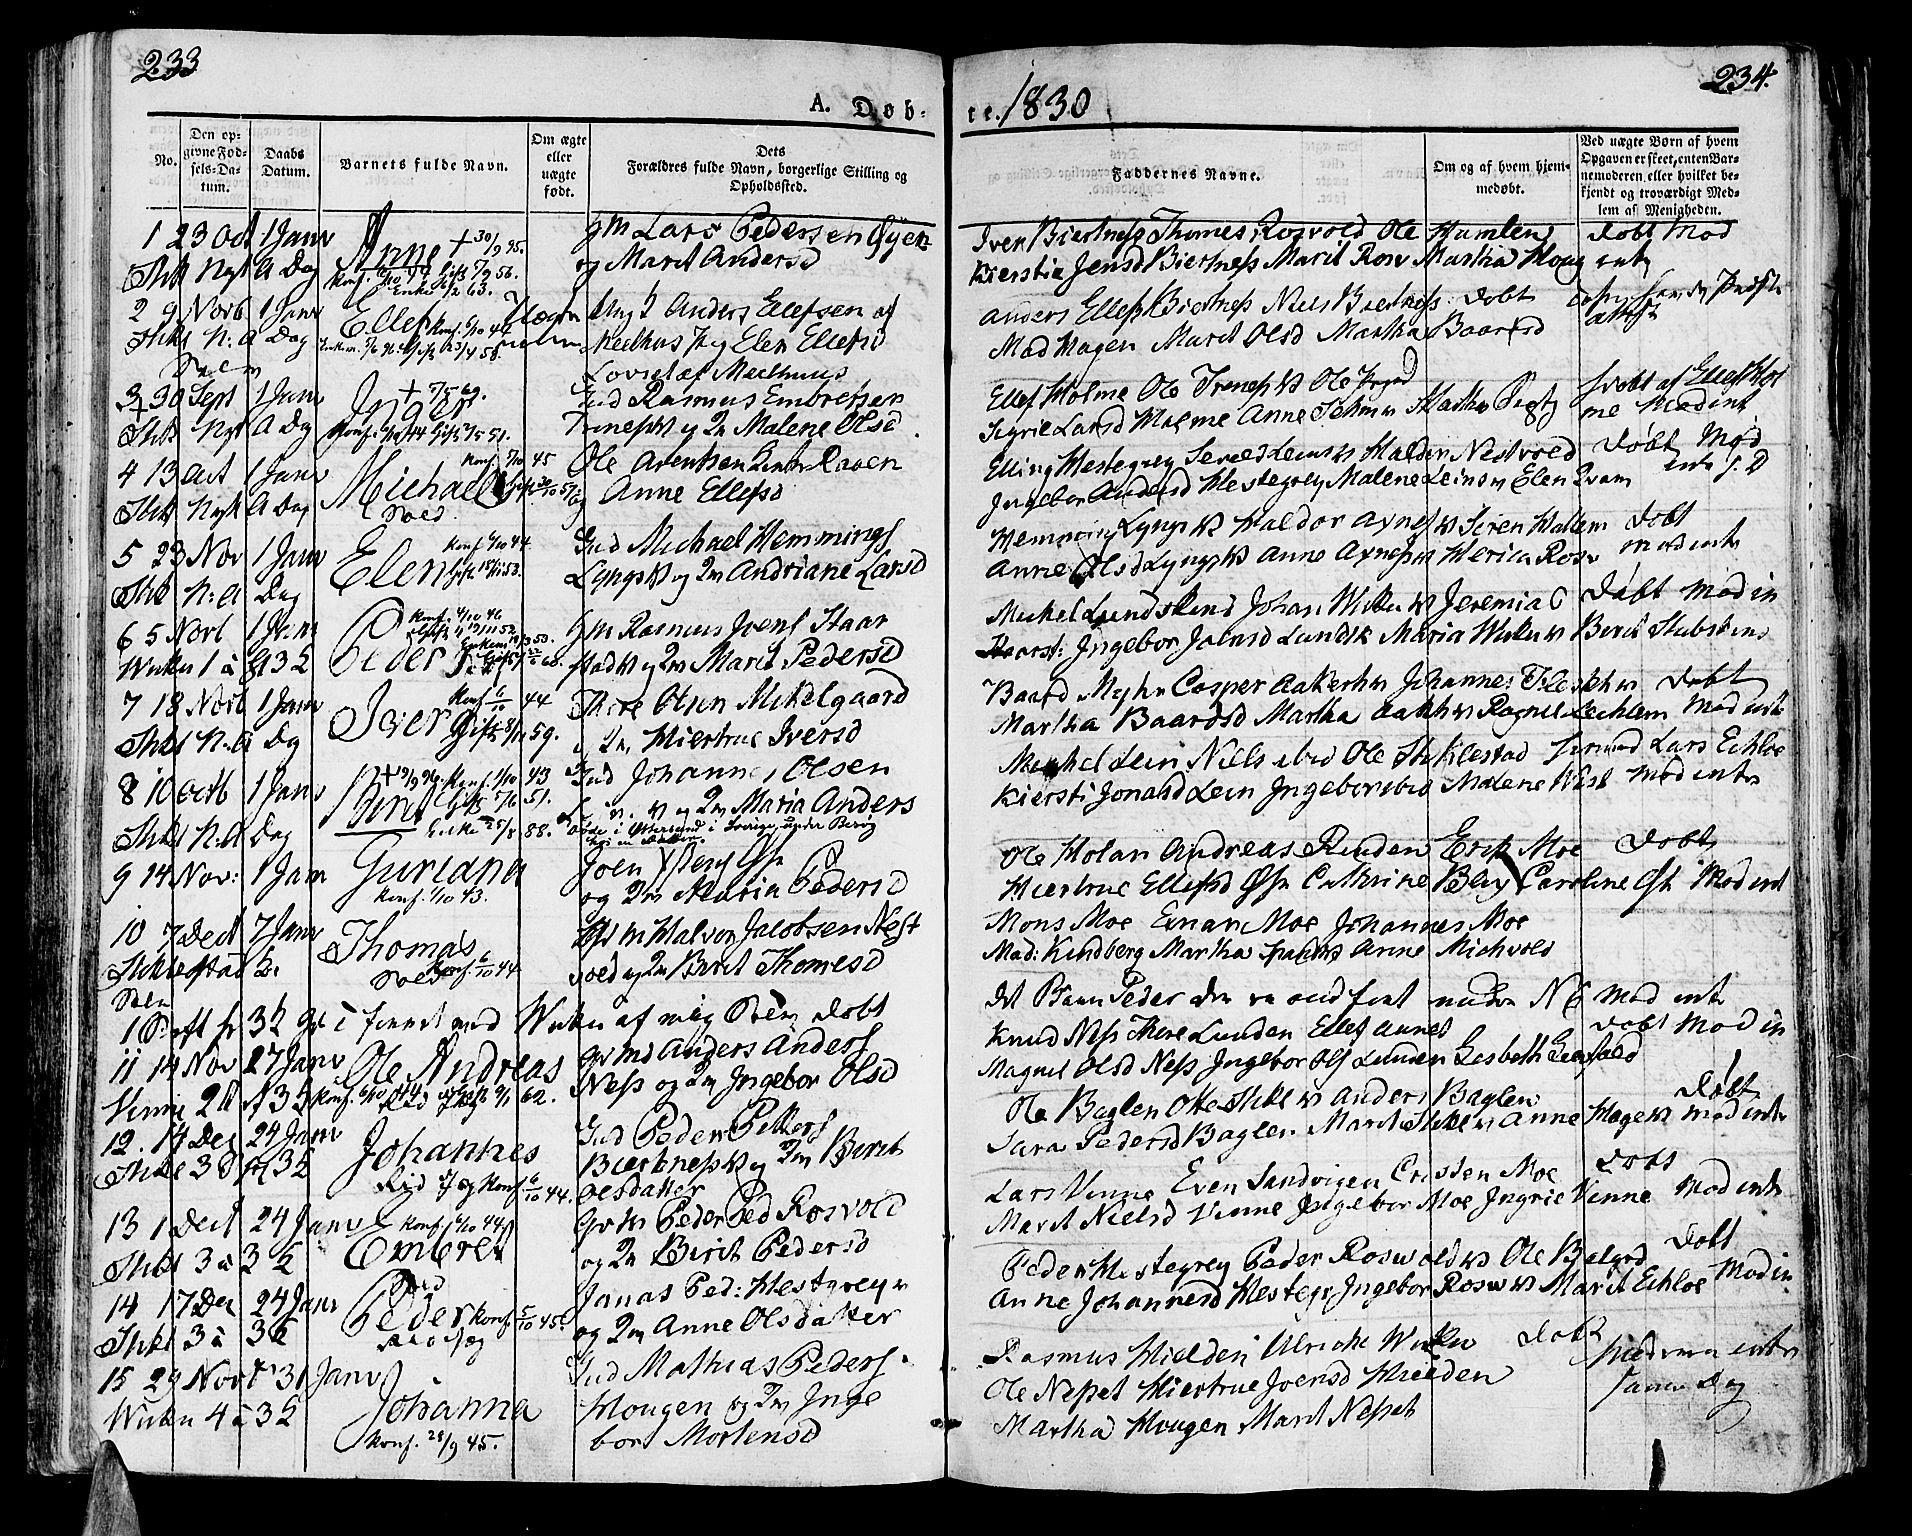 SAT, Ministerialprotokoller, klokkerbøker og fødselsregistre - Nord-Trøndelag, 723/L0237: Ministerialbok nr. 723A06, 1822-1830, s. 233-234